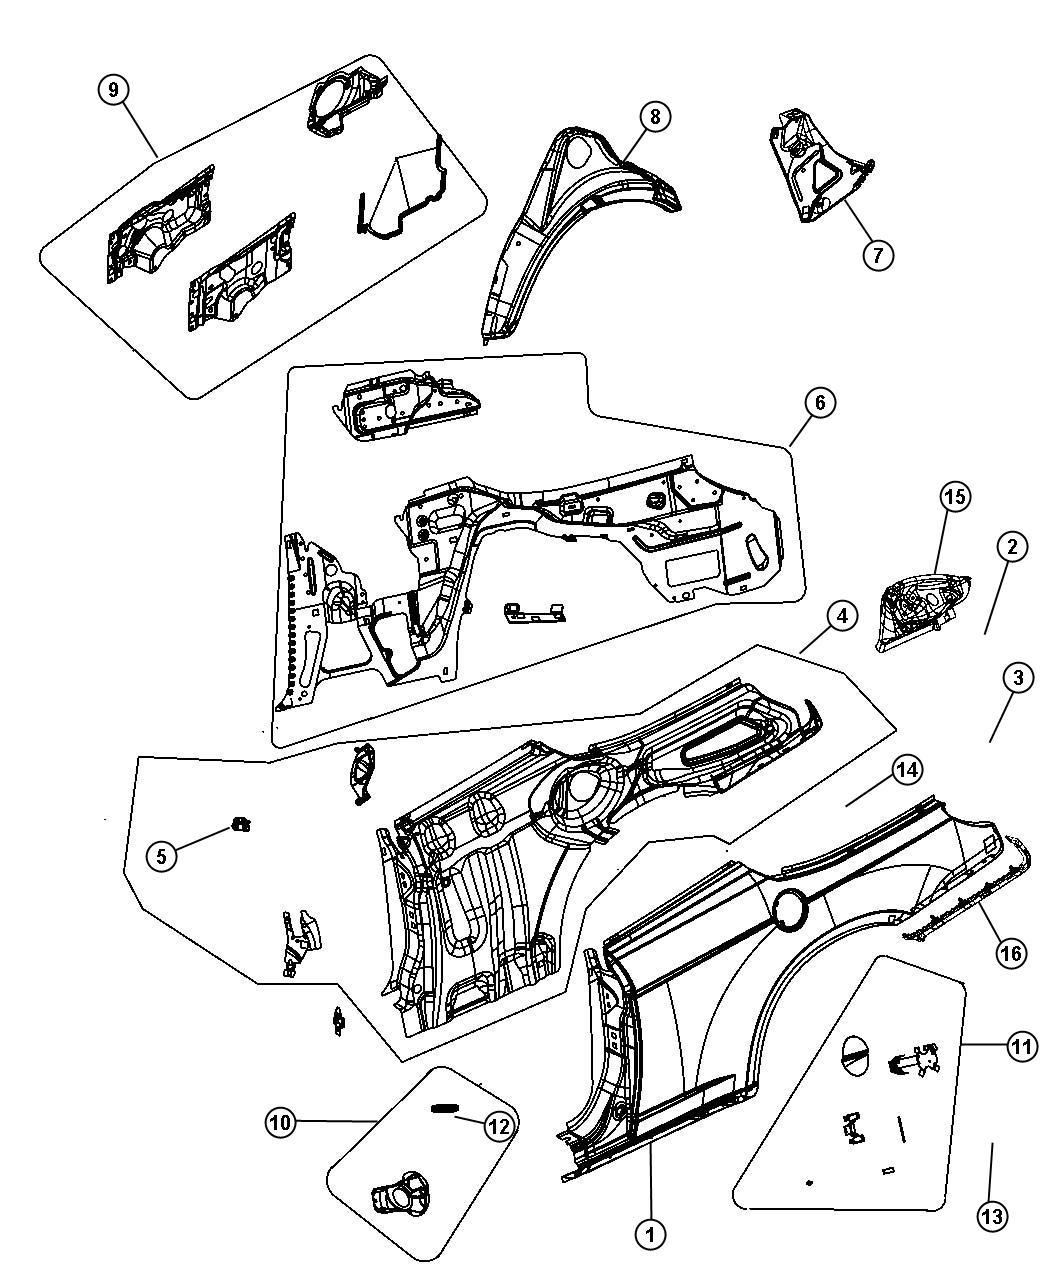 Chrysler 200 Panel Left Quarter Body